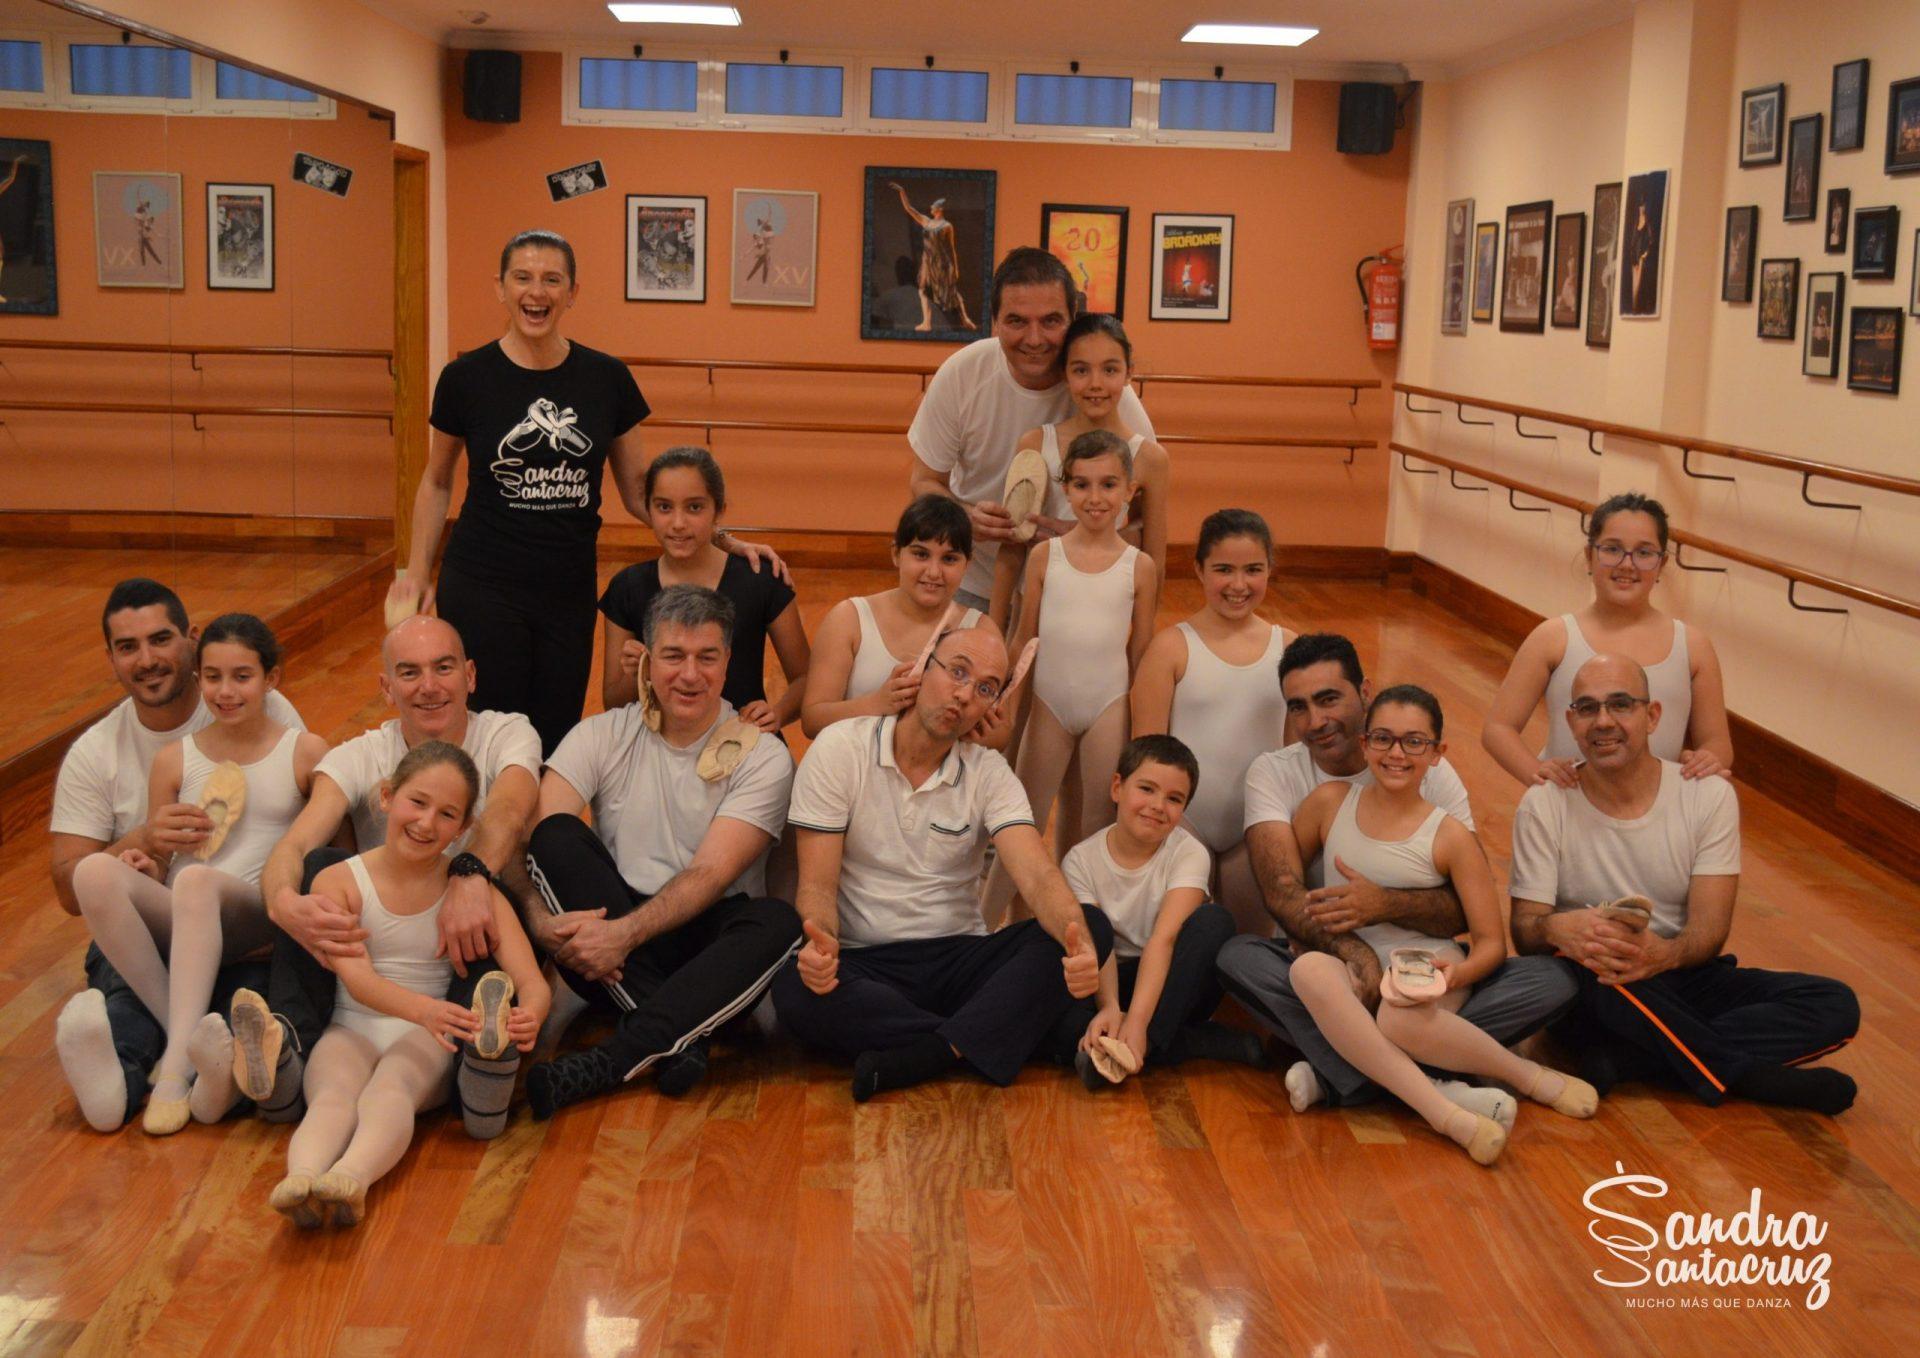 El Centro de Danza Sandra Santa Cruz felicita con los padres del Predanza II que asistieron a la Clase Pedagógica el día del Padre.